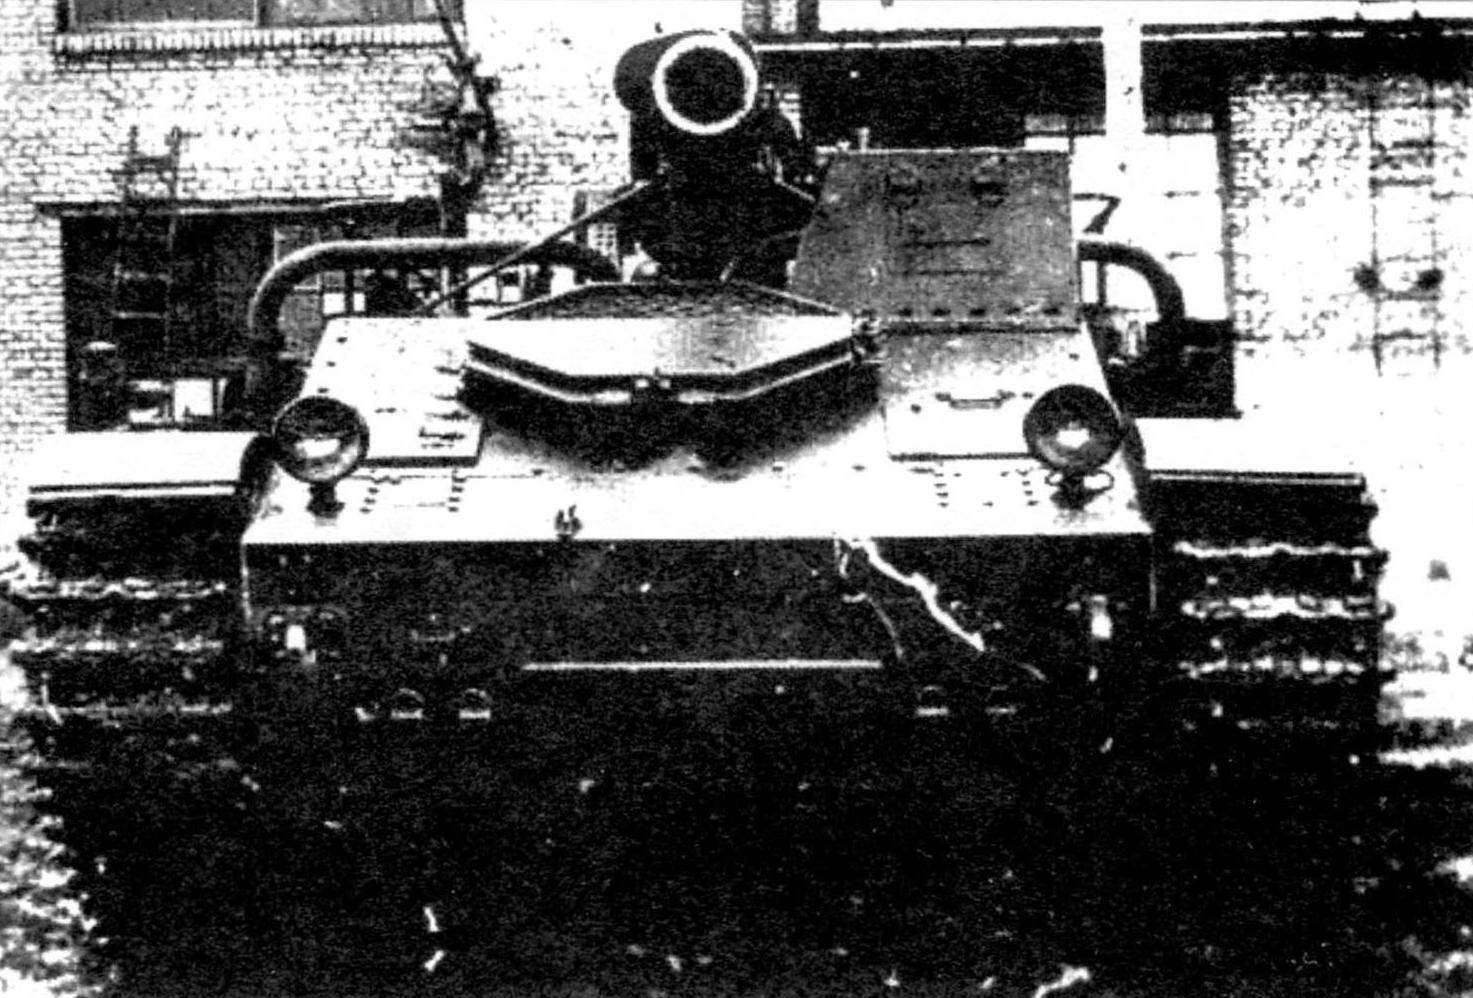 Носовая часть корпуса Су-14 заимствована от тяжёлого танка Т-35. По левому борту на верхнем листе - люк механика-водителя и наблюдательная башенка